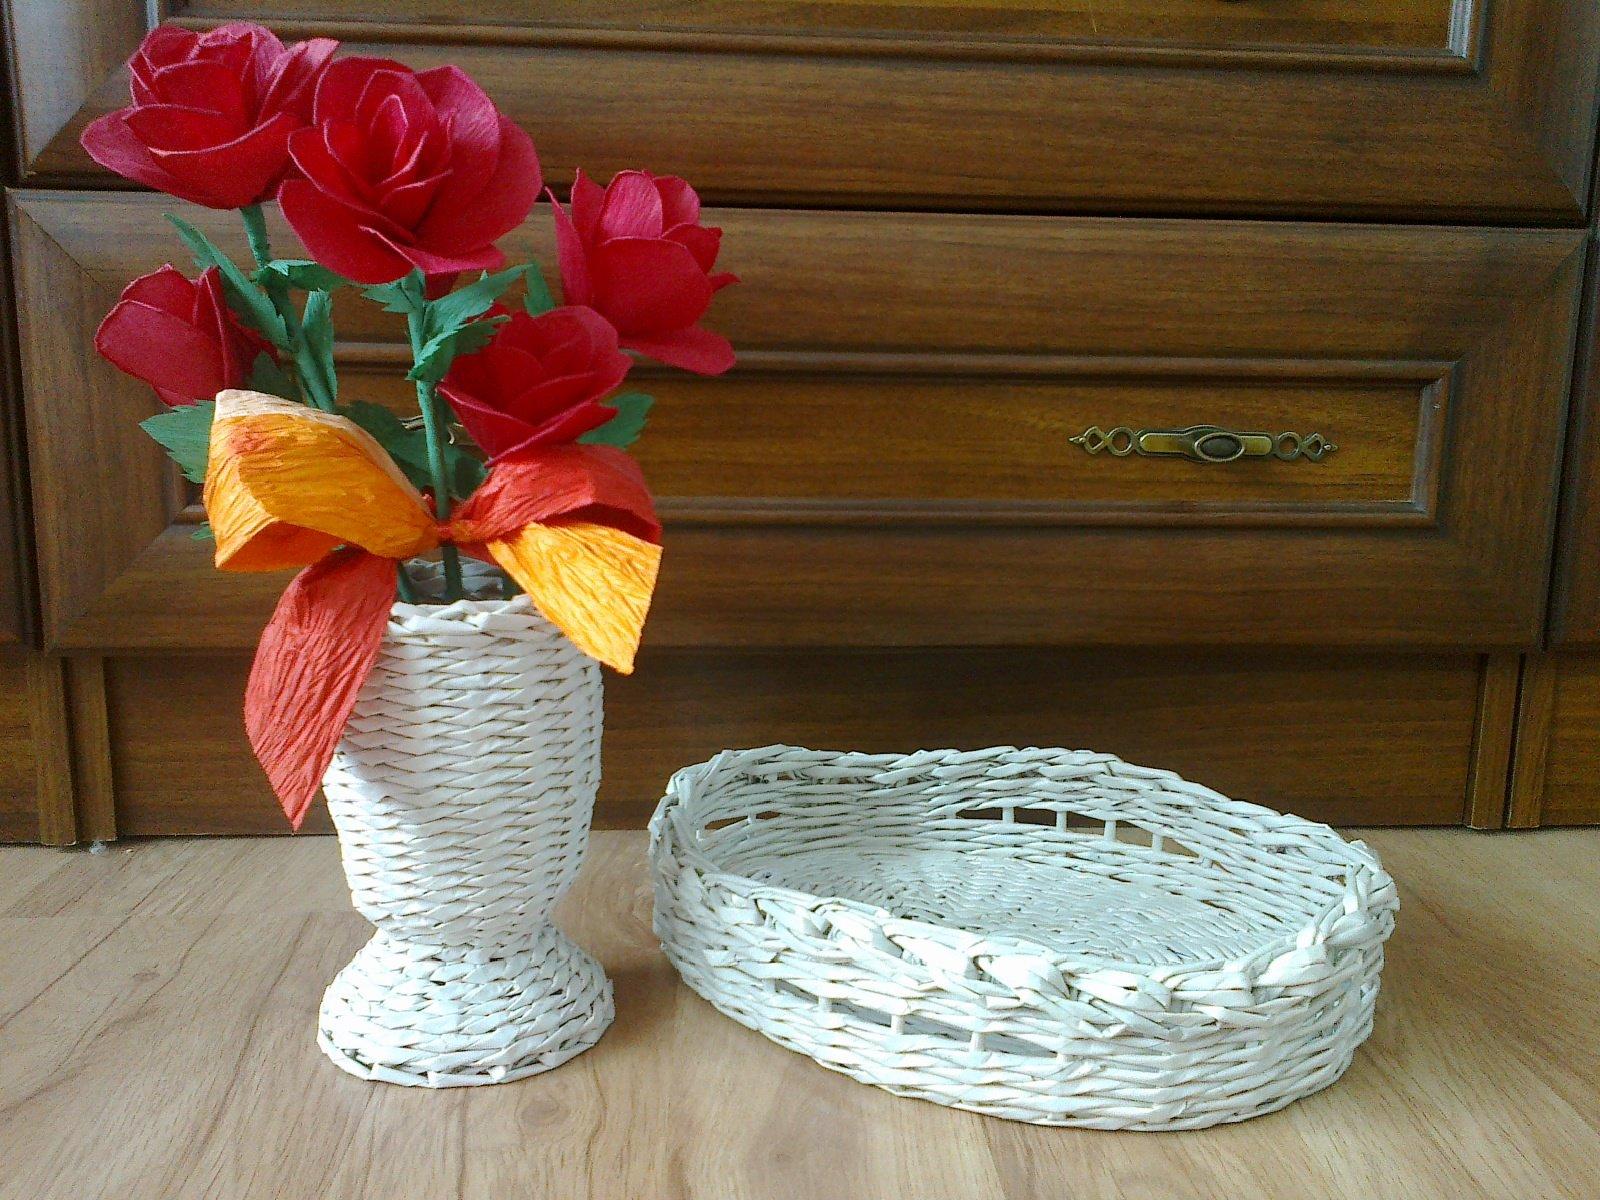 Особенности плетения вазы из газетных трубочек: простые пошаговые инструкции